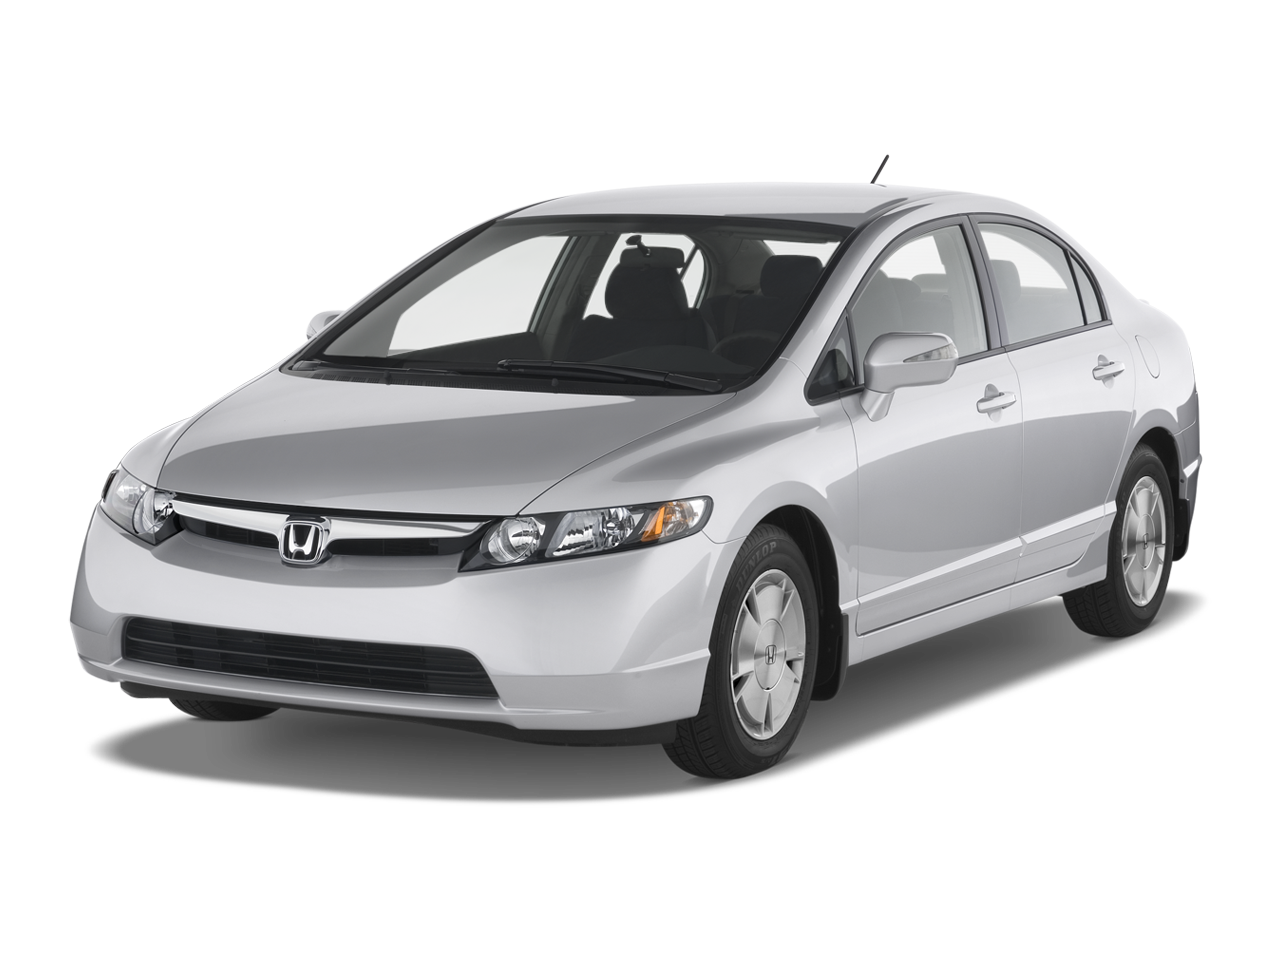 2008 honda civic mugen si new car truck and suv road for Honda civic si automatic